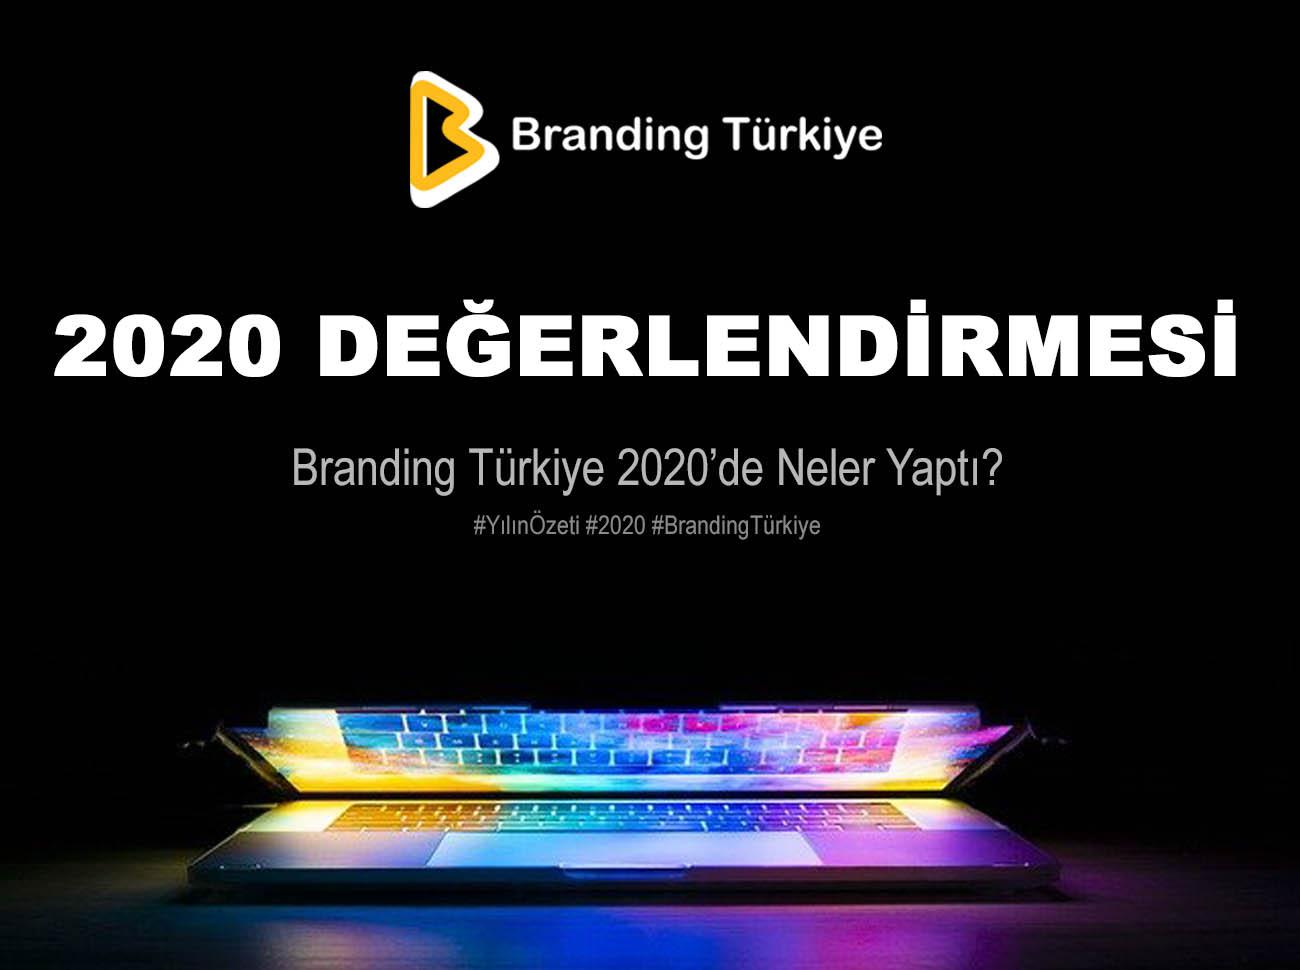 Branding Türkiye 2020'de Neler Yaptı? (Yılın Özeti)